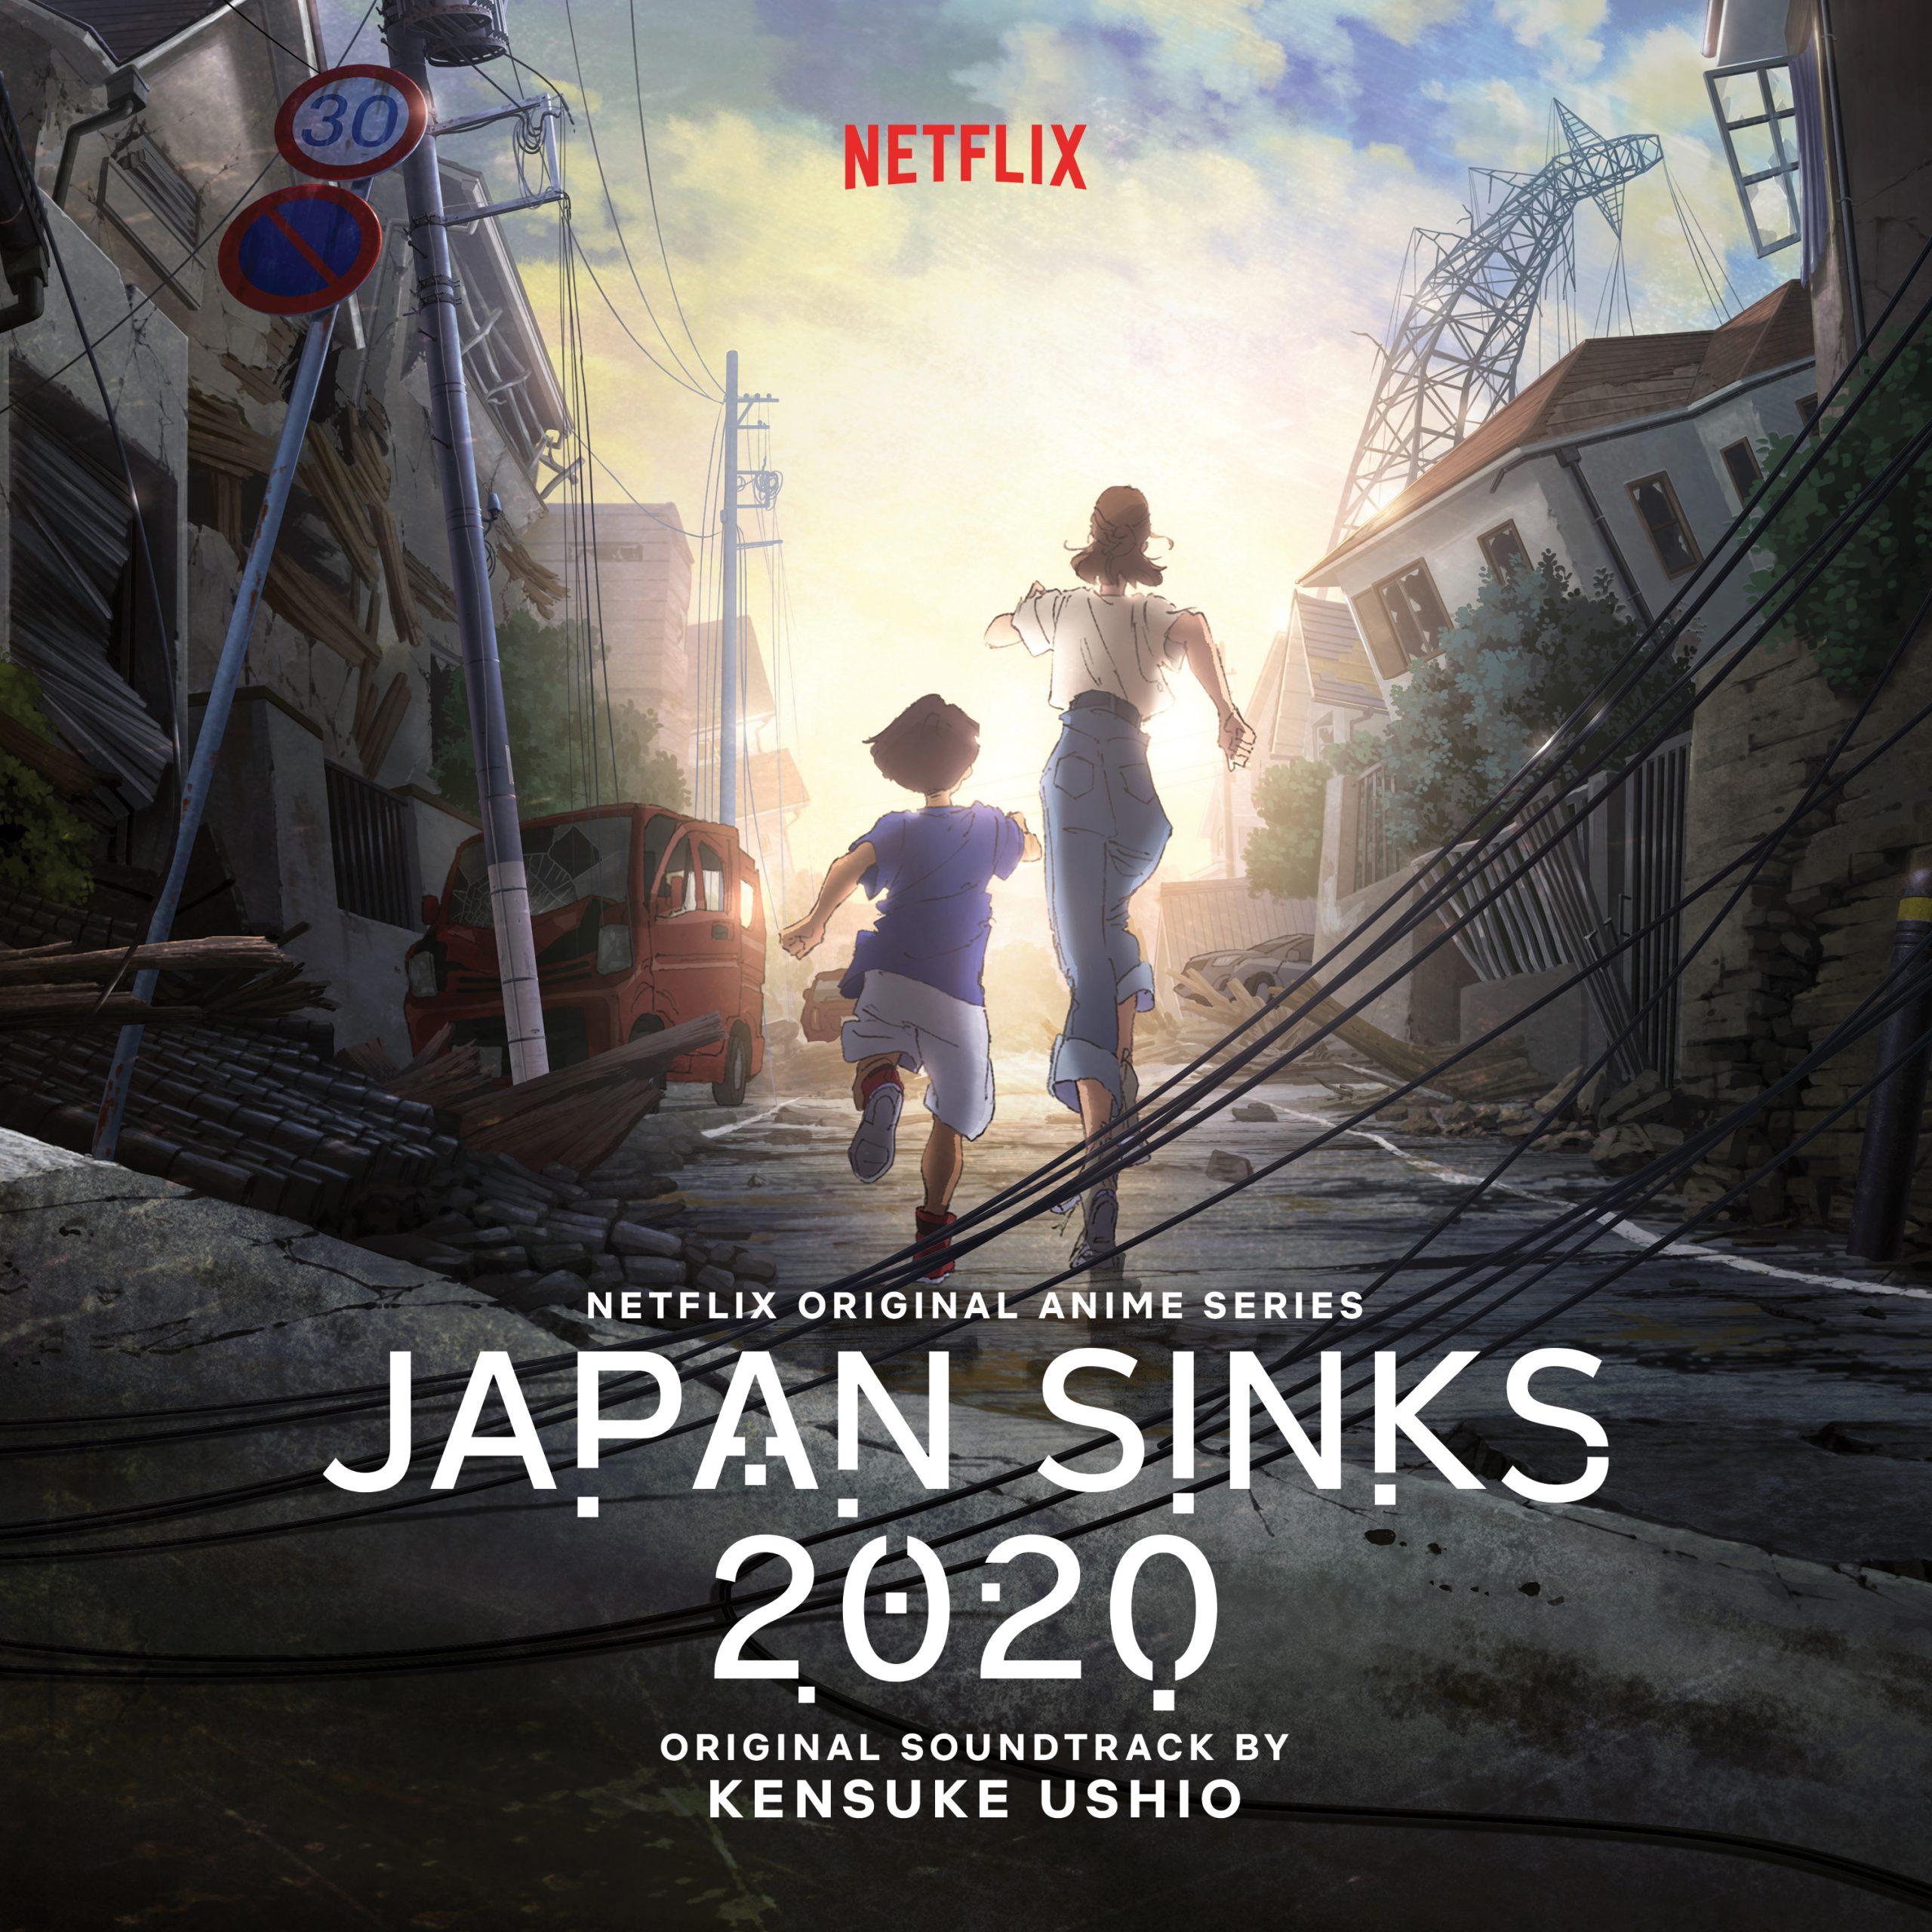 Japan Sinkt 2021